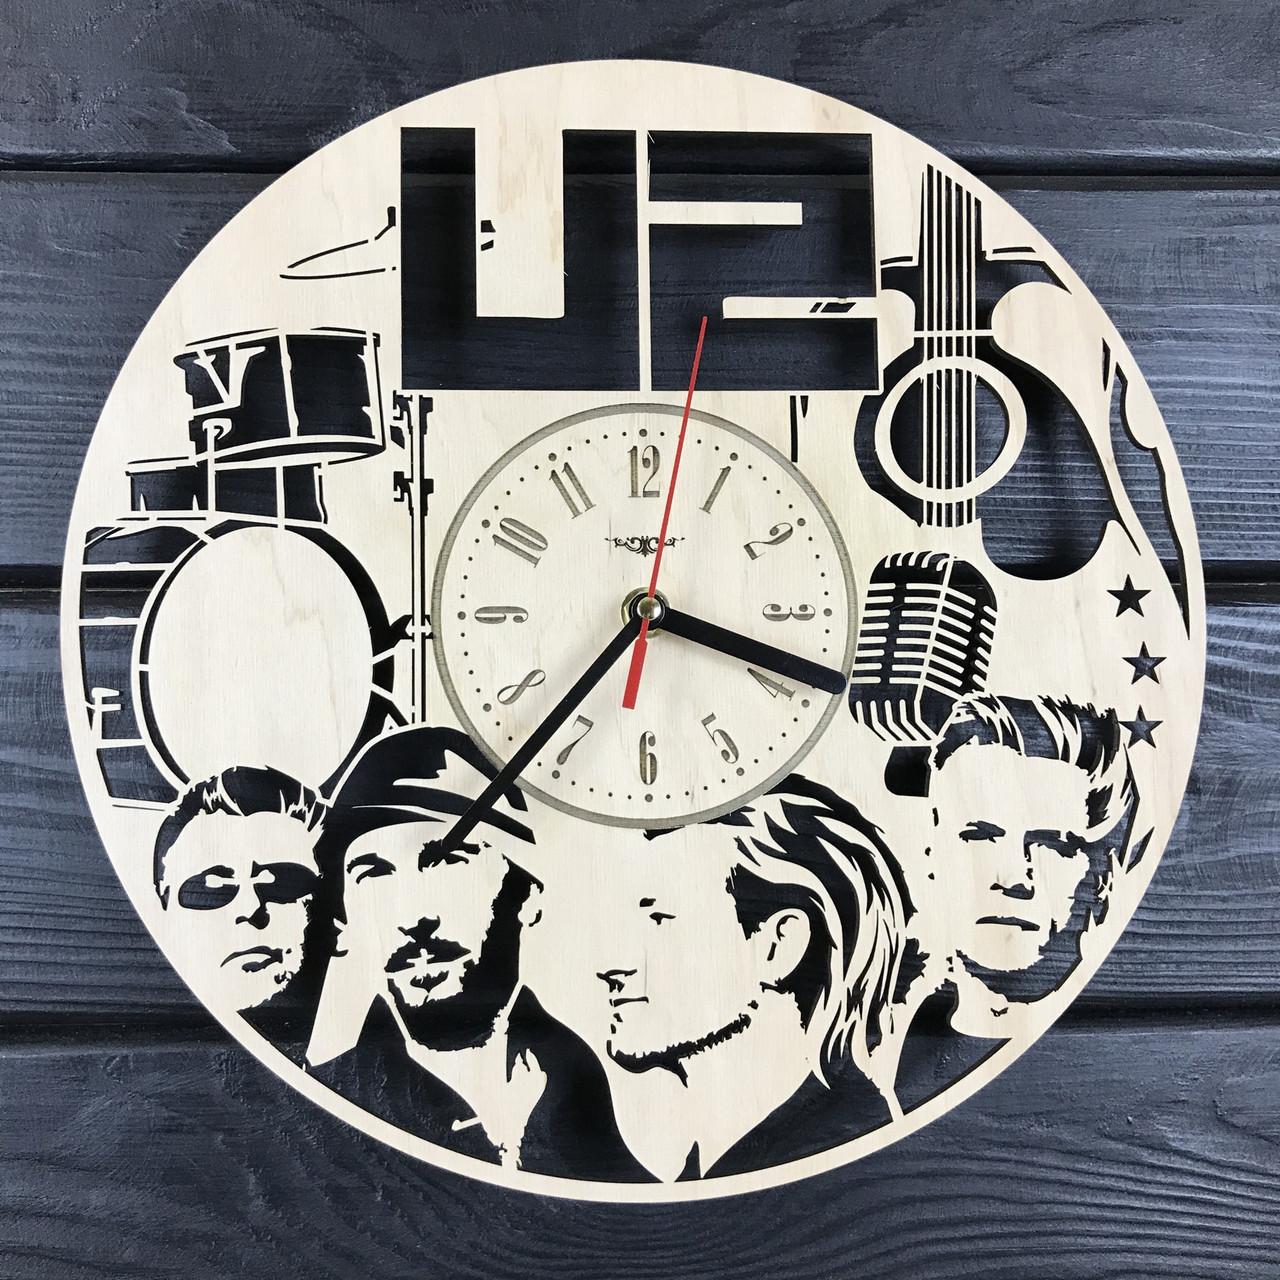 Оригинальные интерьерные часы на стену «U2»